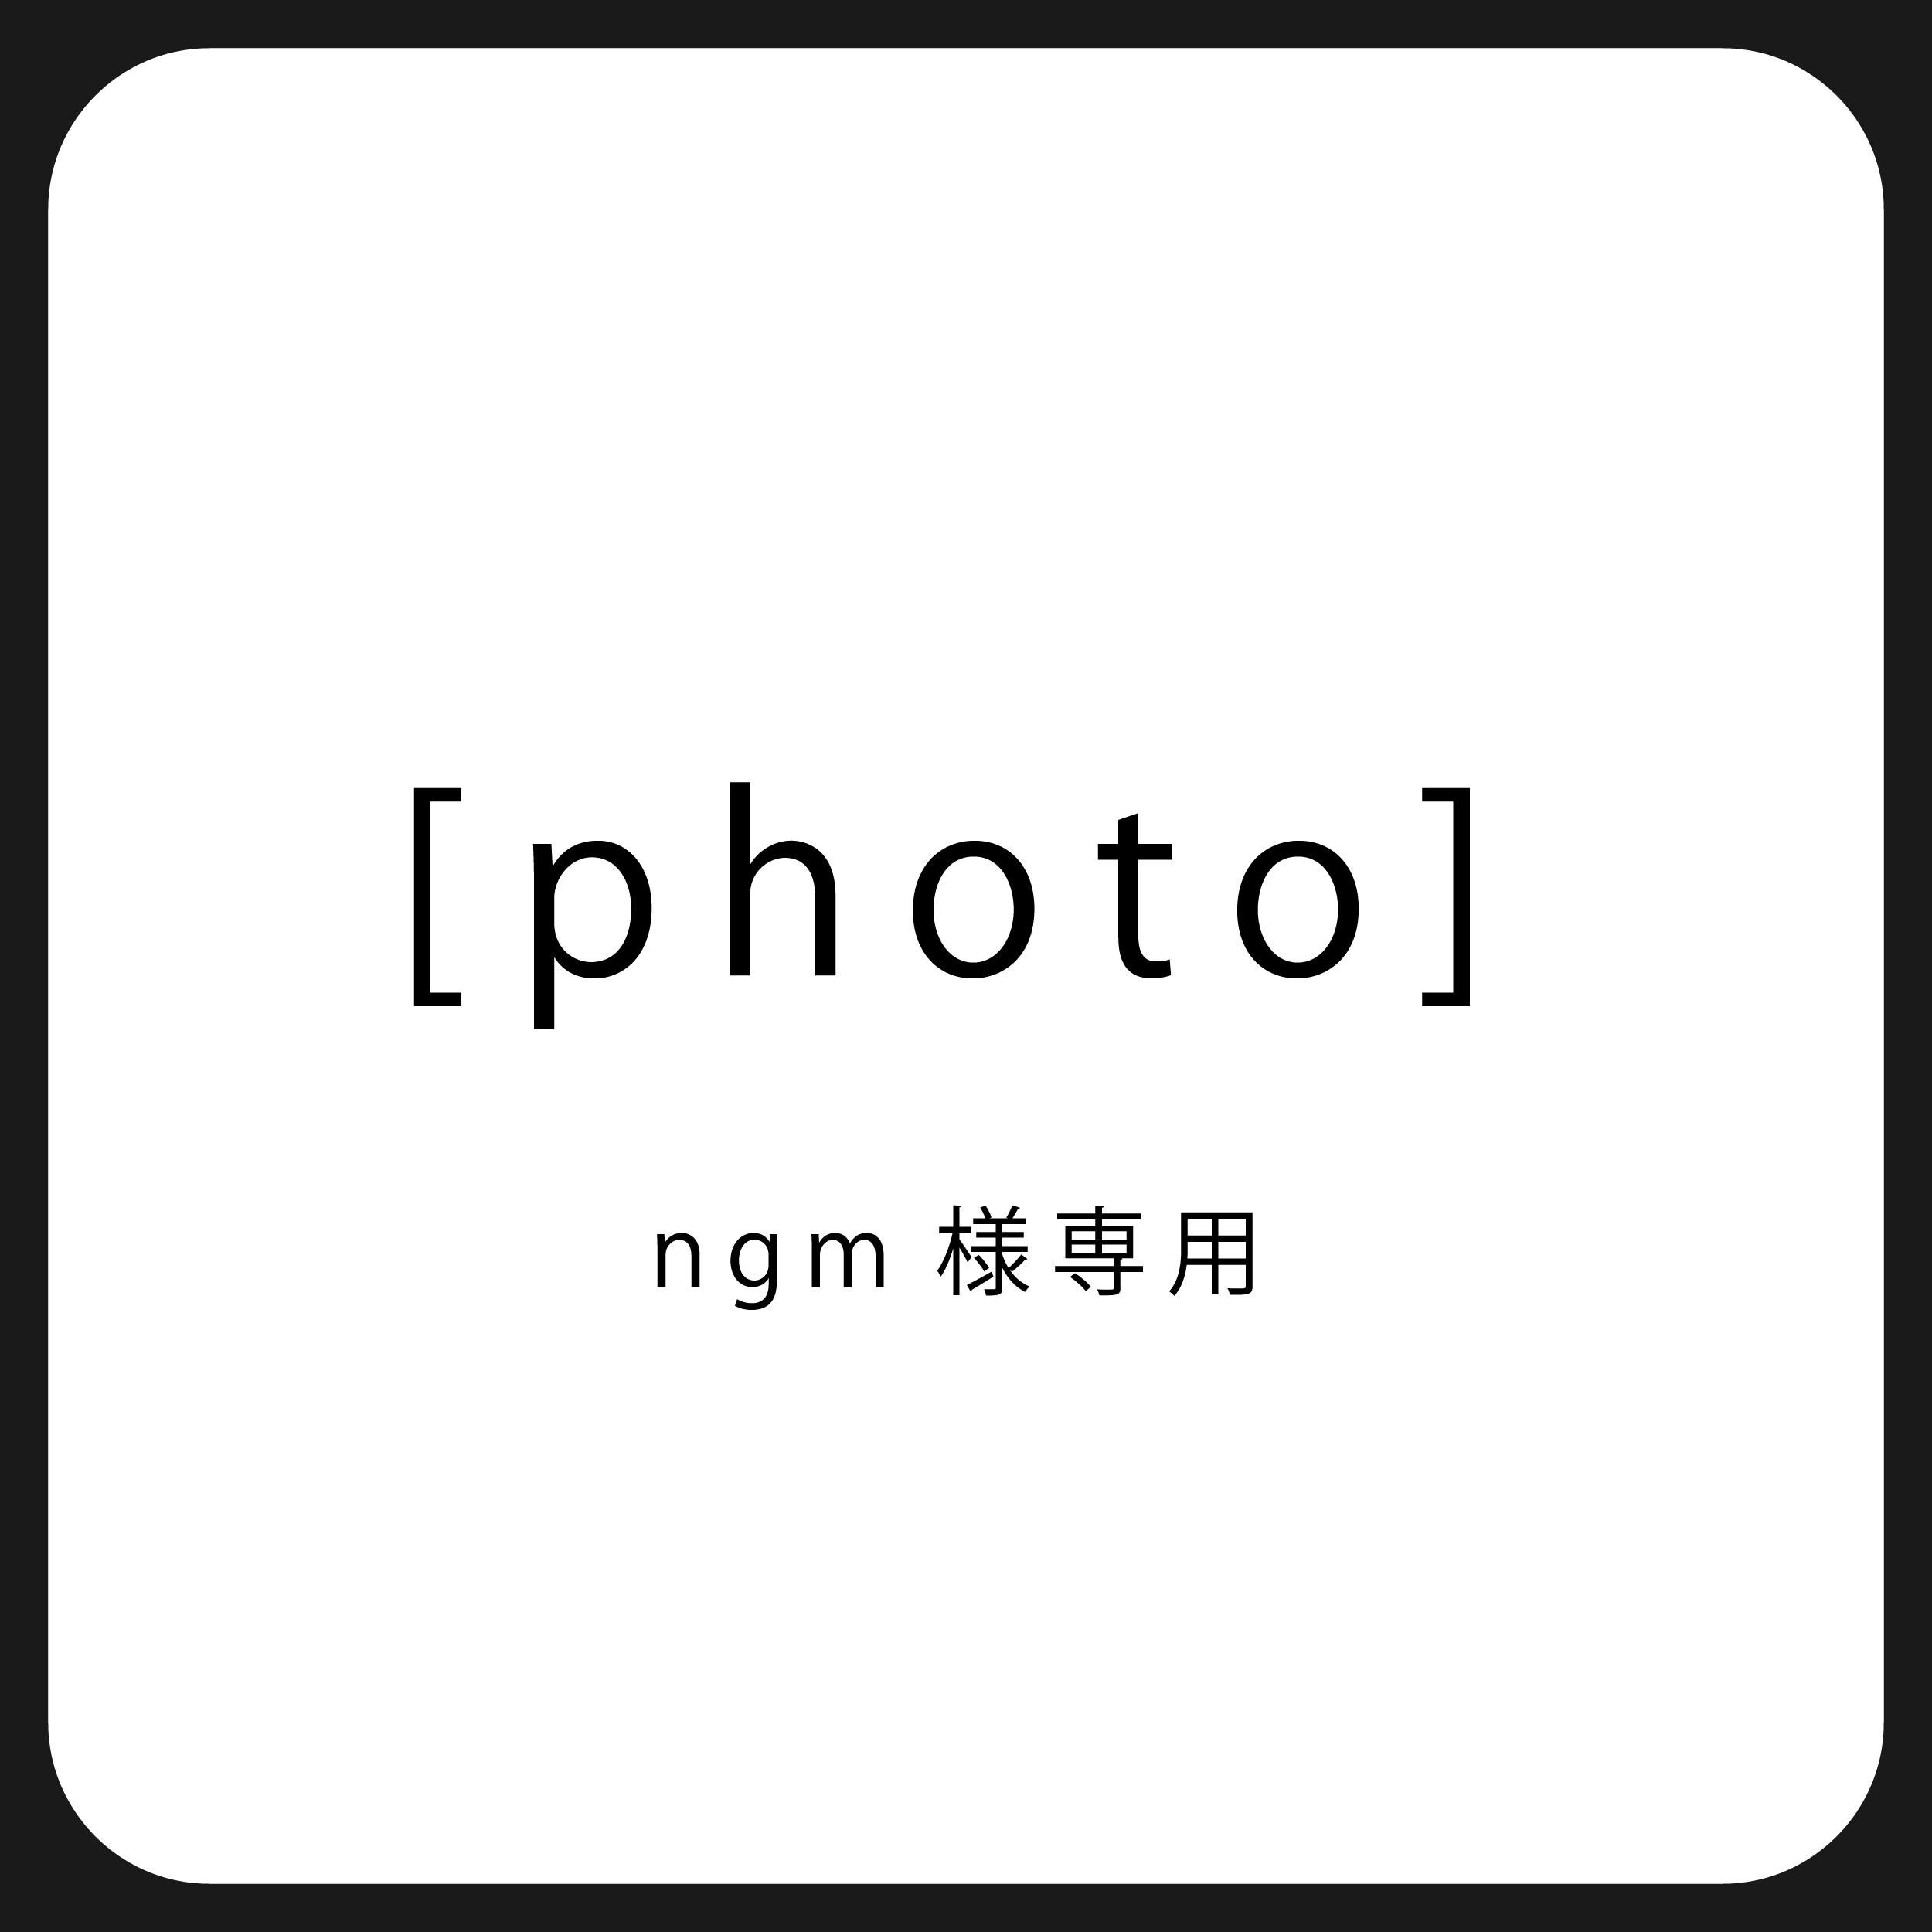 [photo]ngm様専用のイメージその1